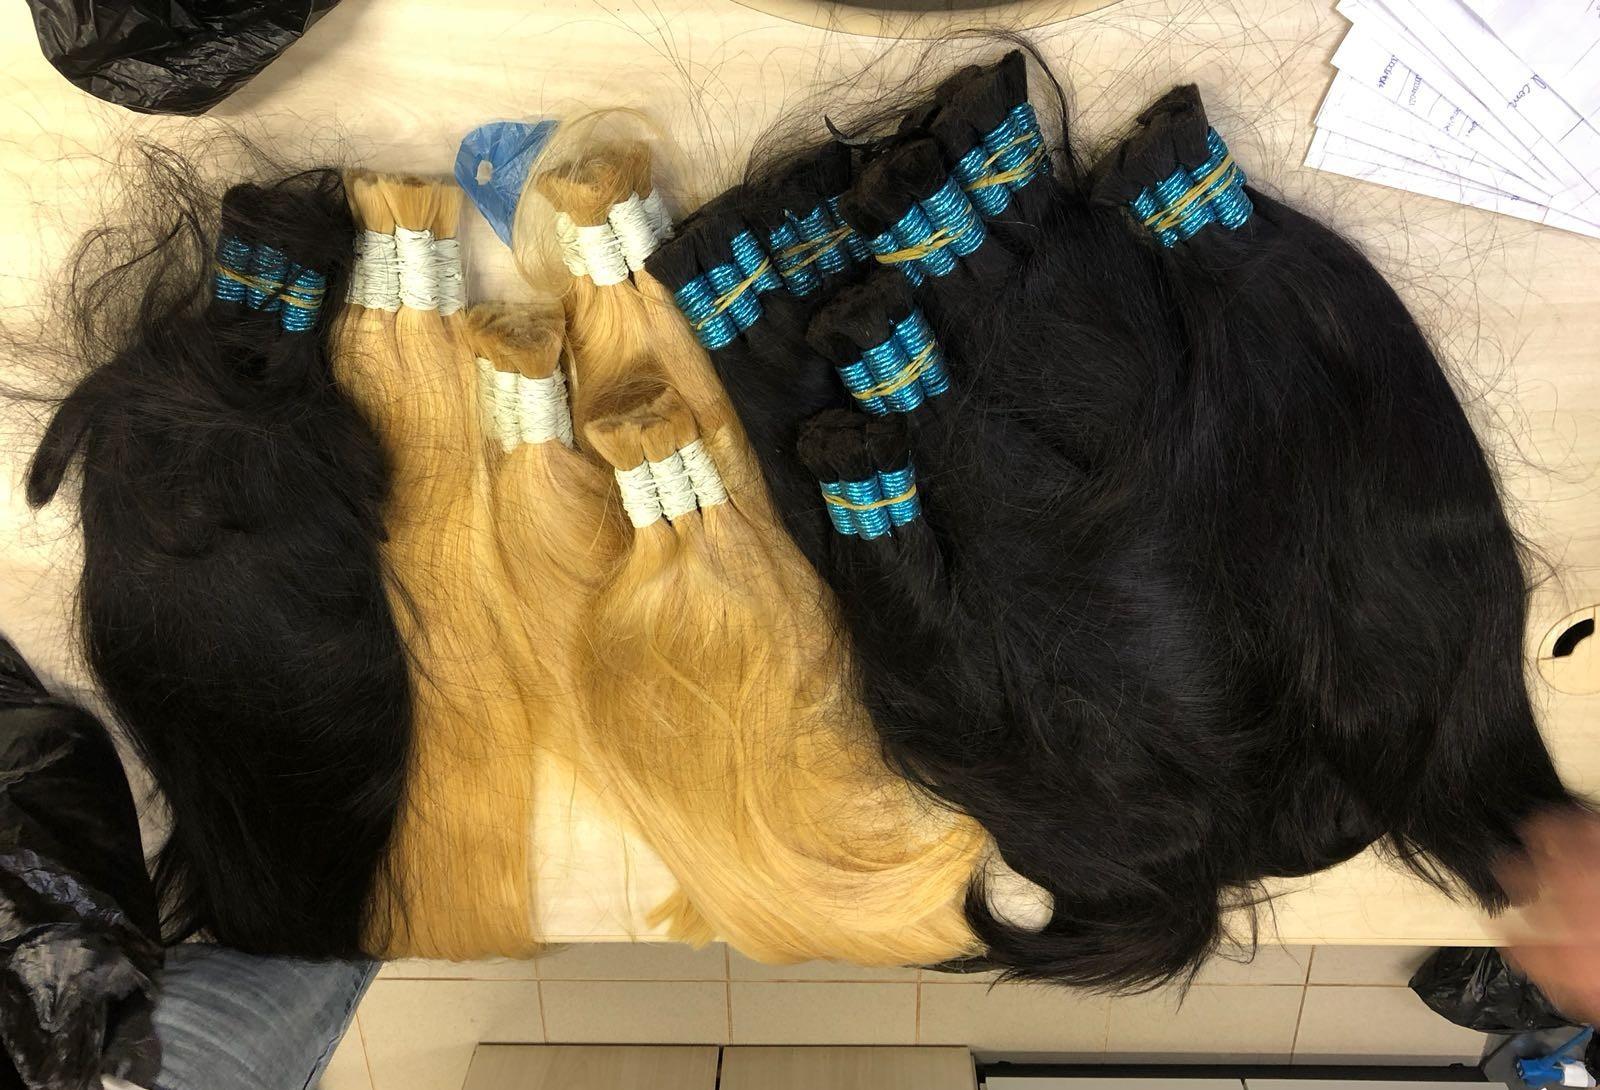 Polícia Federal apreende 40 quilos de cabelo no aeroporto de Maringá